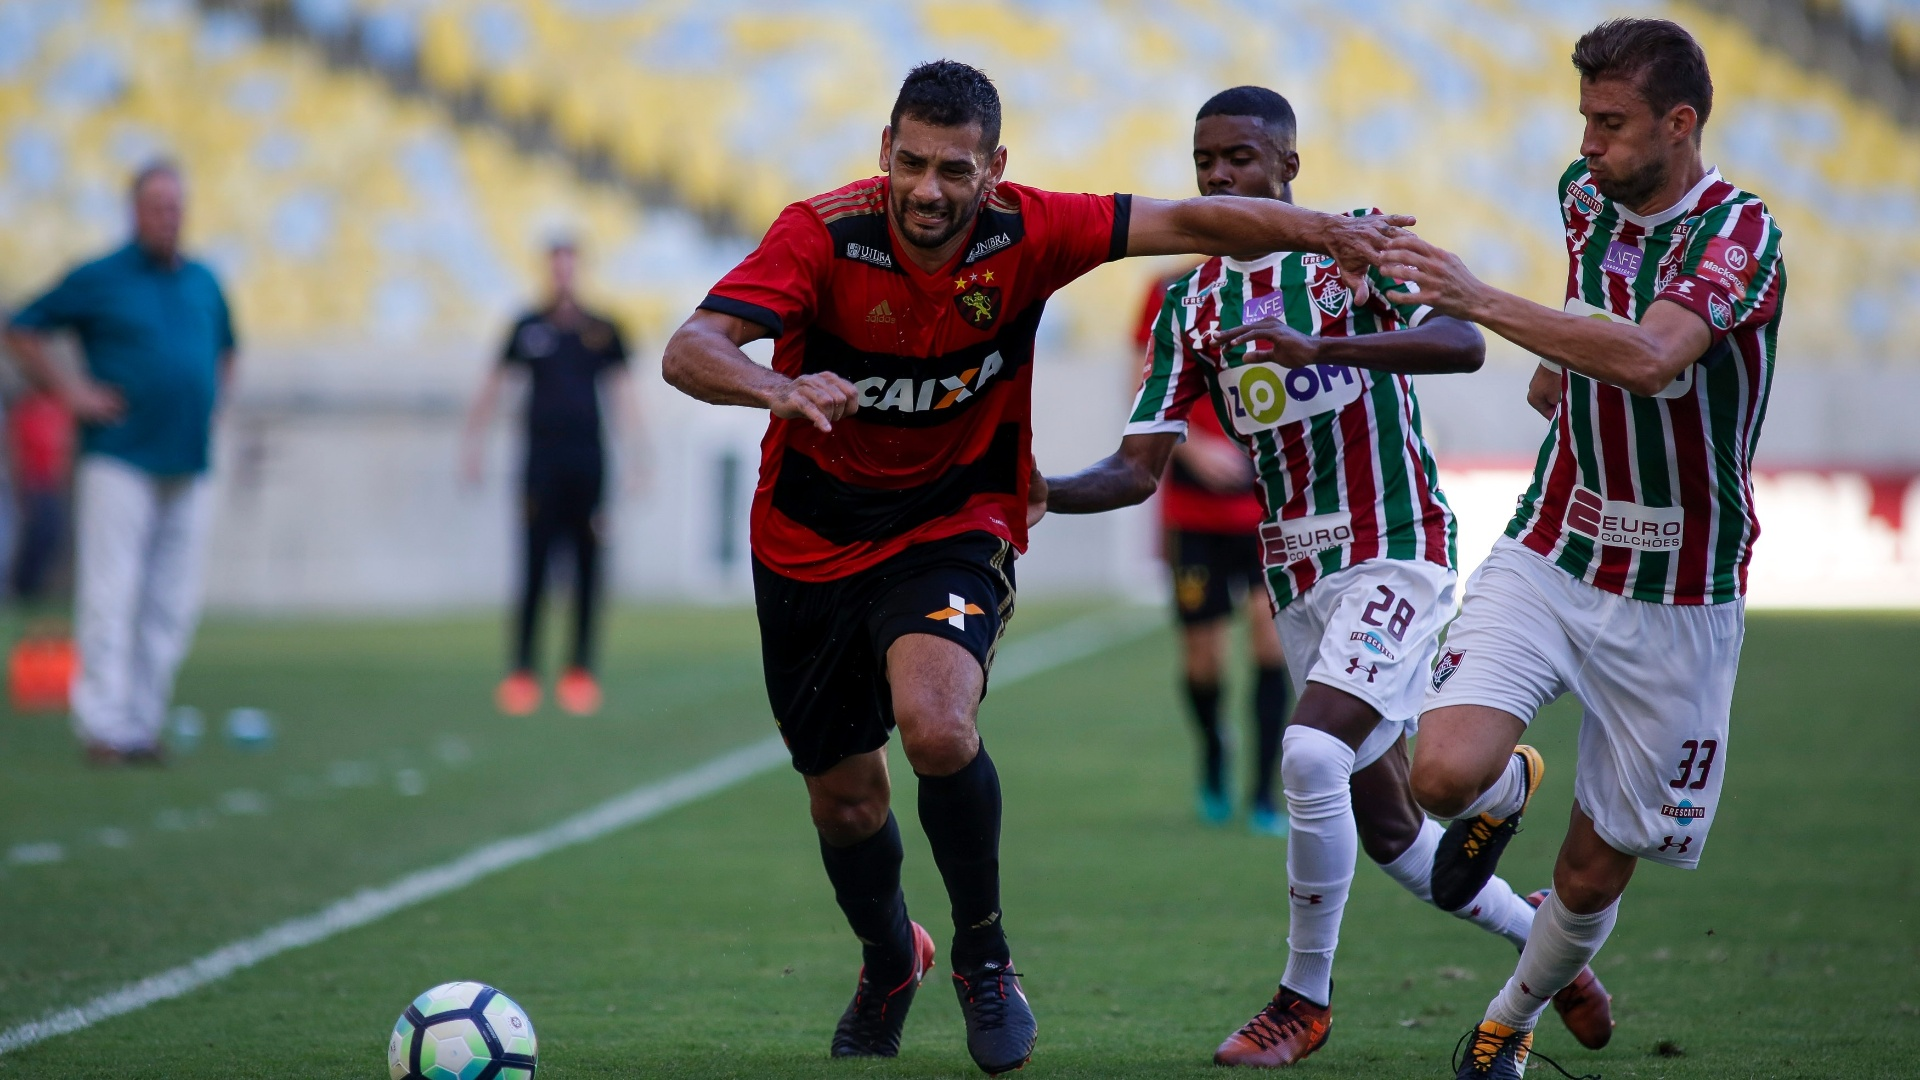 Diego Souza protege a bola de Henrique durante o jogo entre Fluminense e Sport